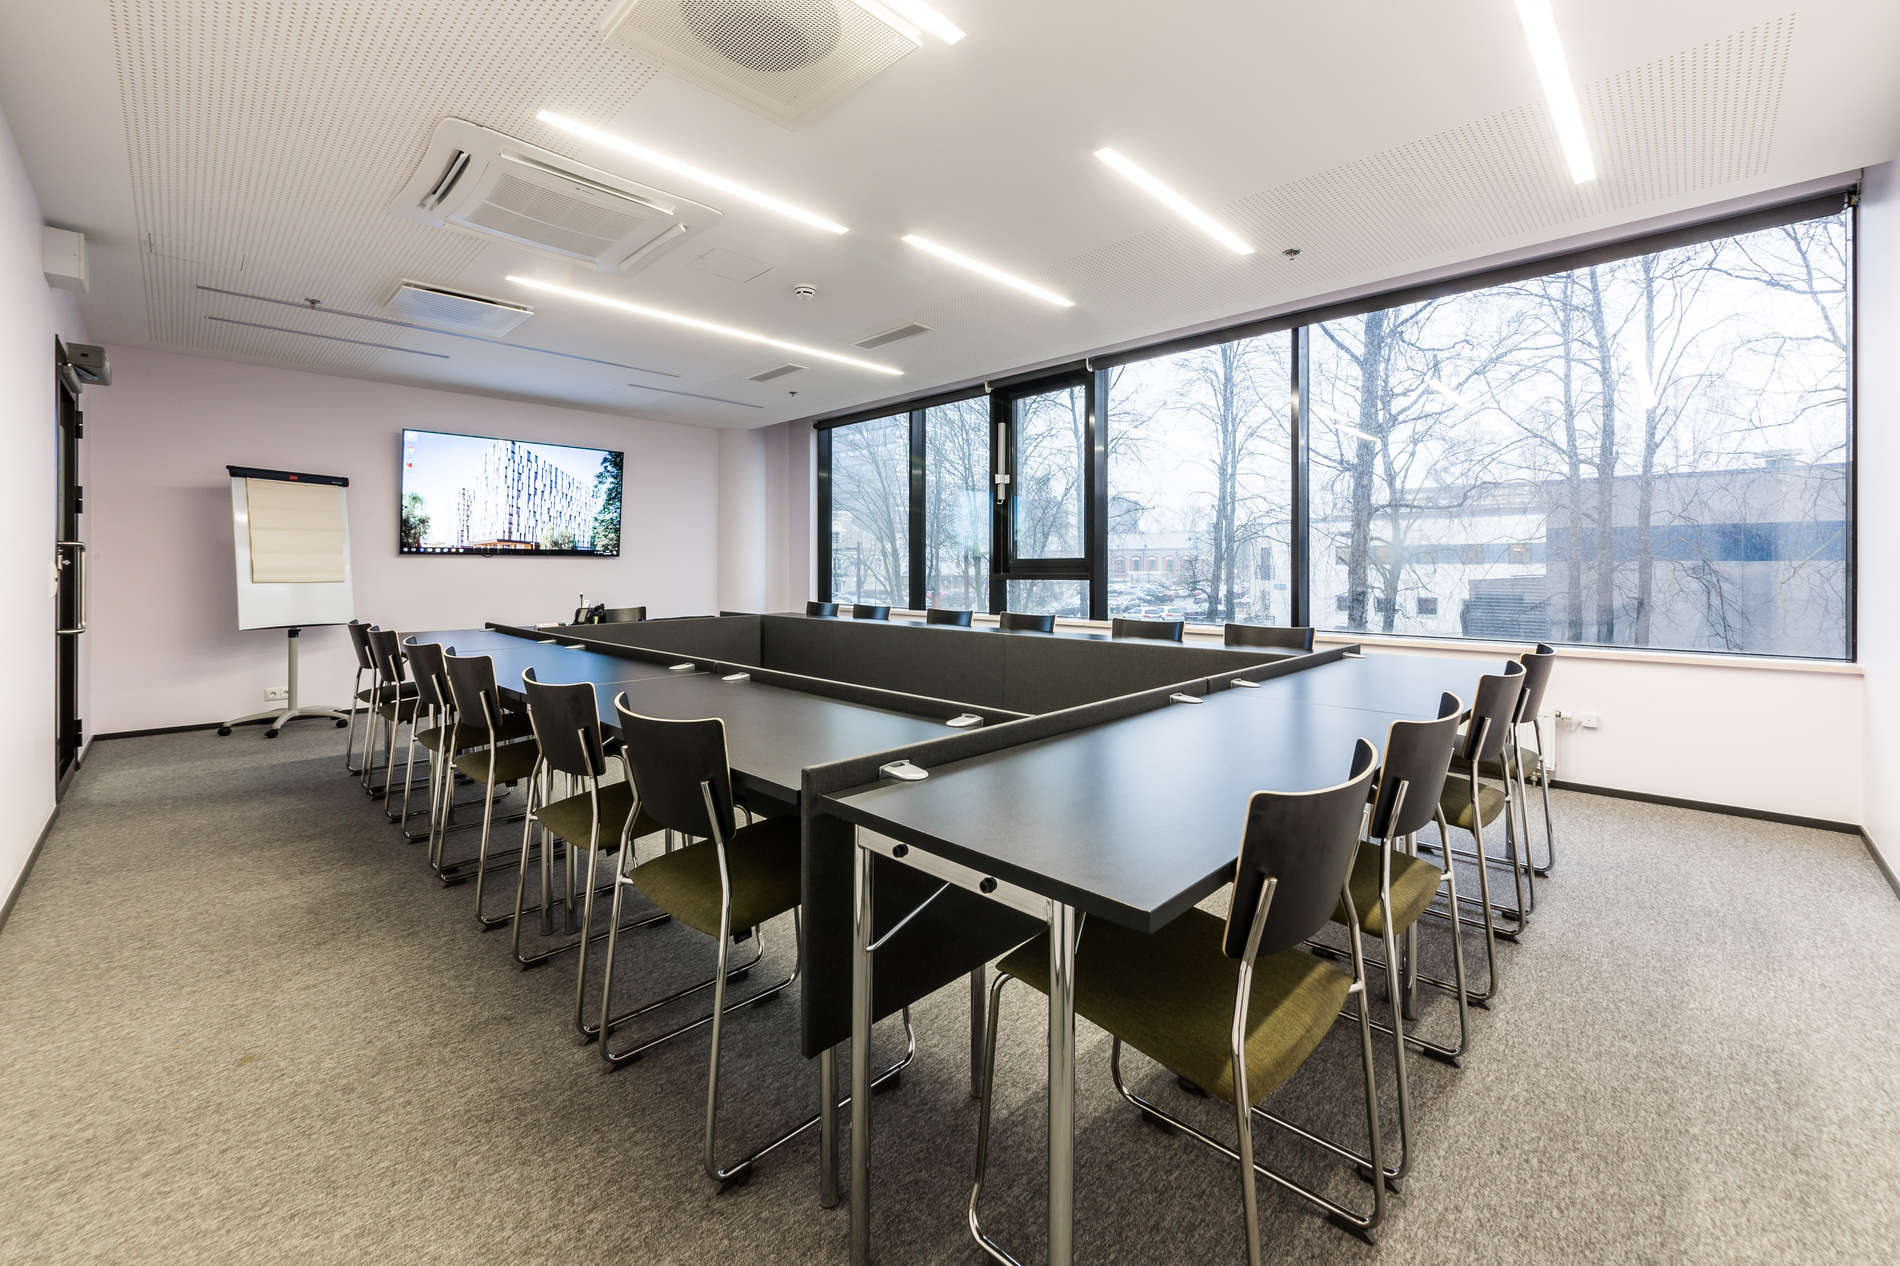 Öpiku meeting room_2017